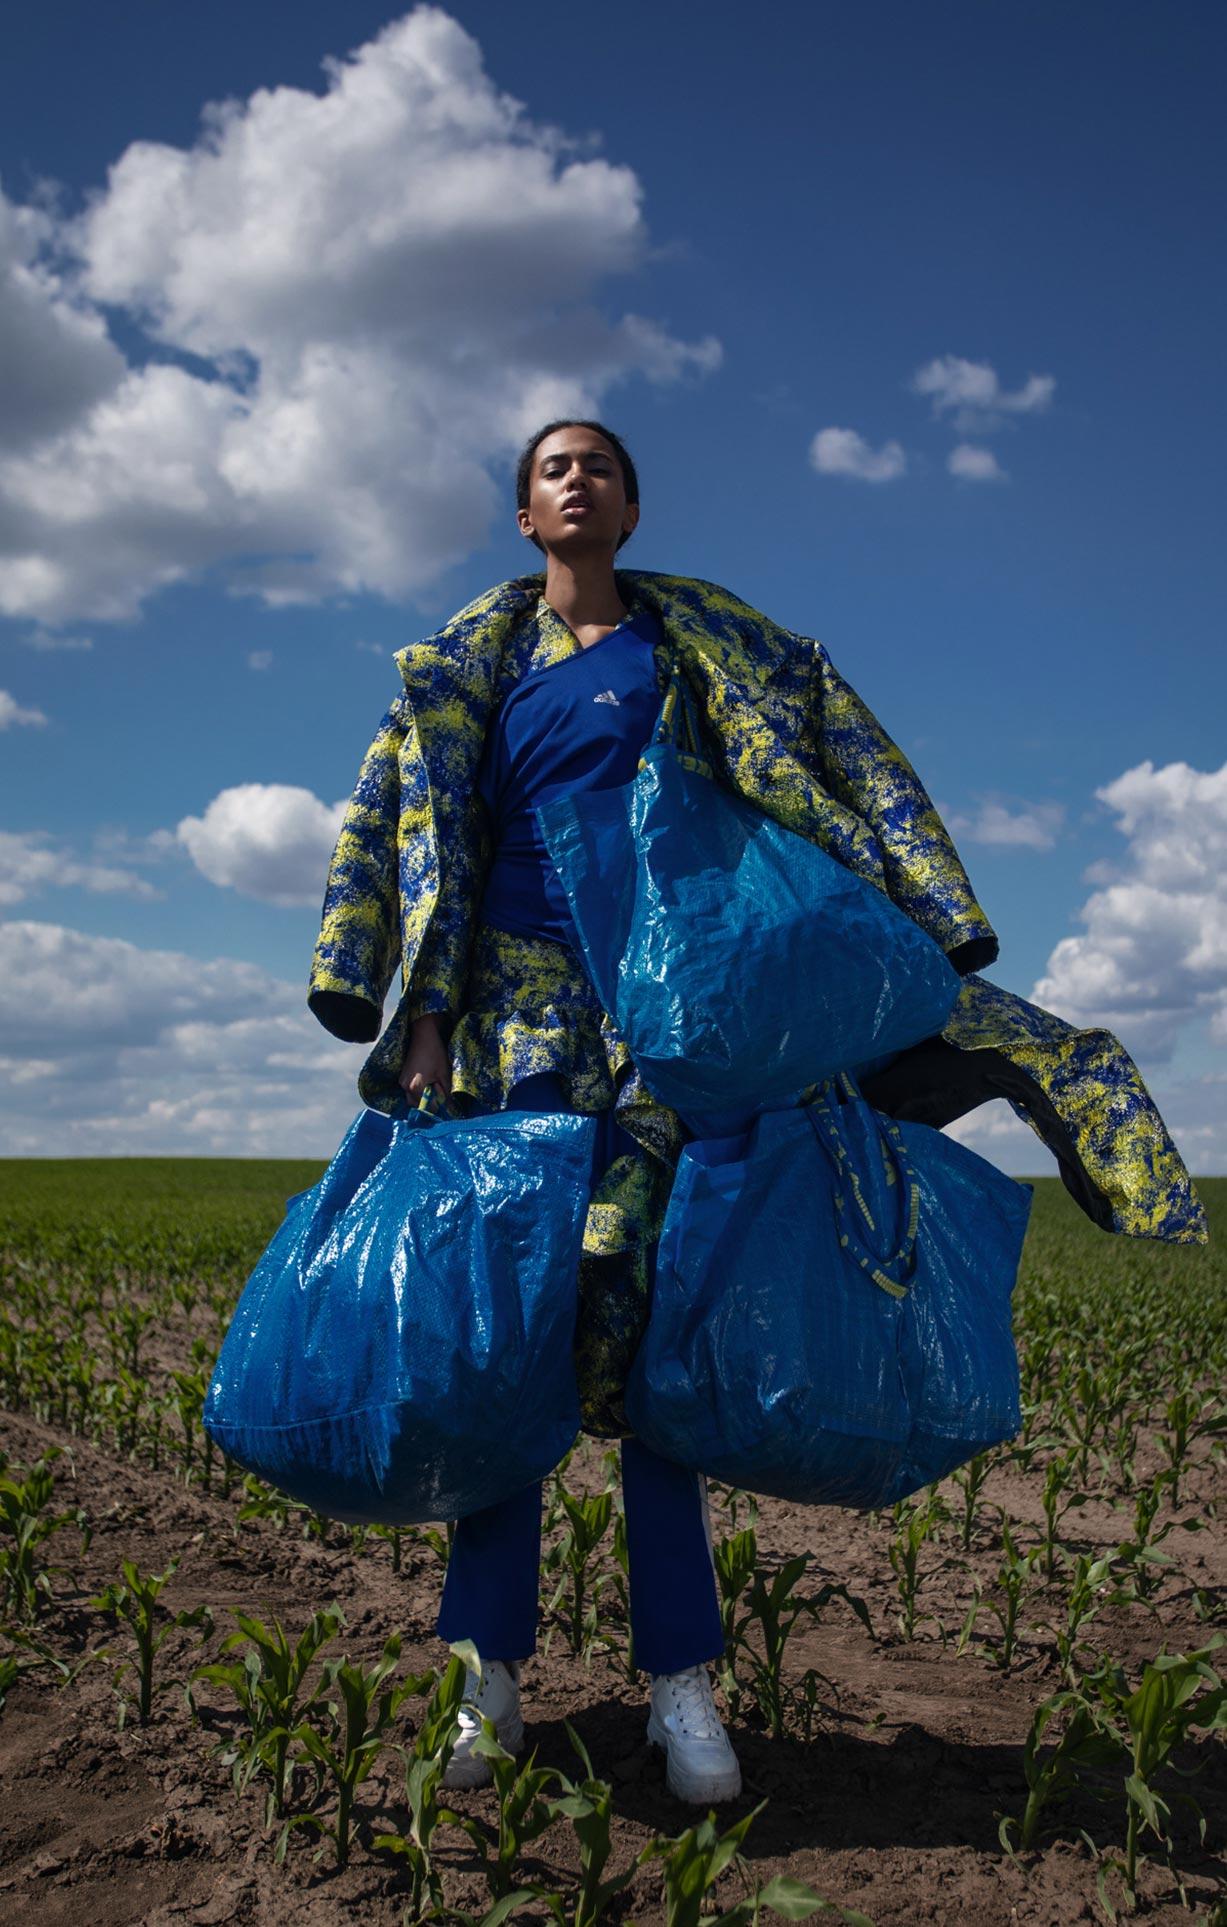 Нетрадиционный взгляд на модную одежду / фото 15